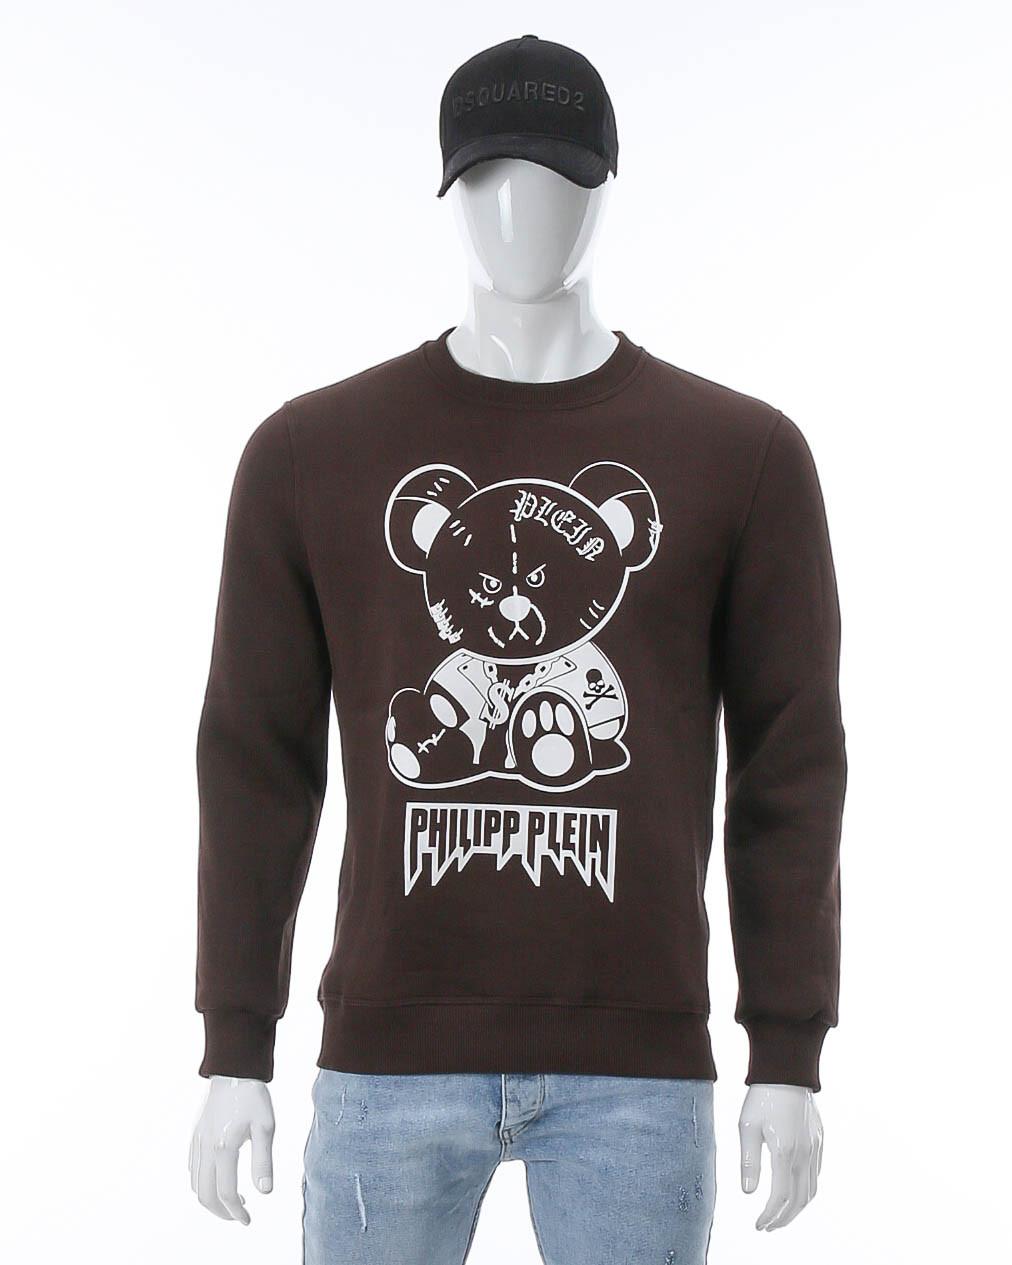 Свитшот осень-зима коричневый PHILIPP PLEIN Мишка $ BRN M(Р) 20-506-003